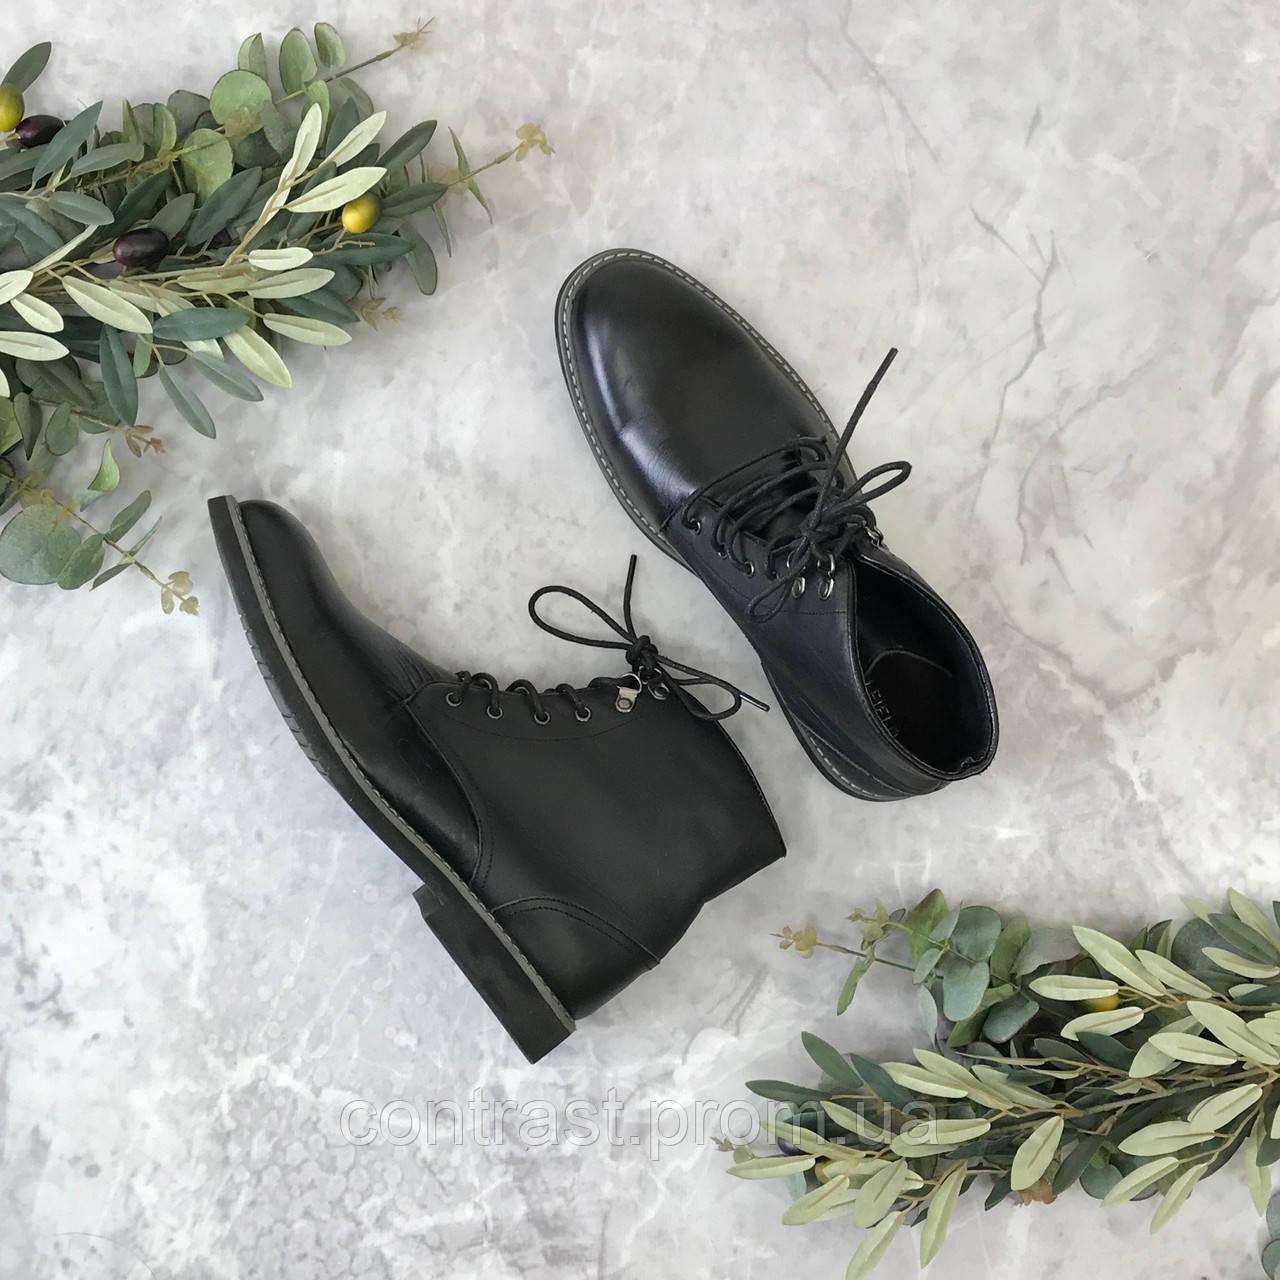 Стильные ботинки для мужчины  SH1849074